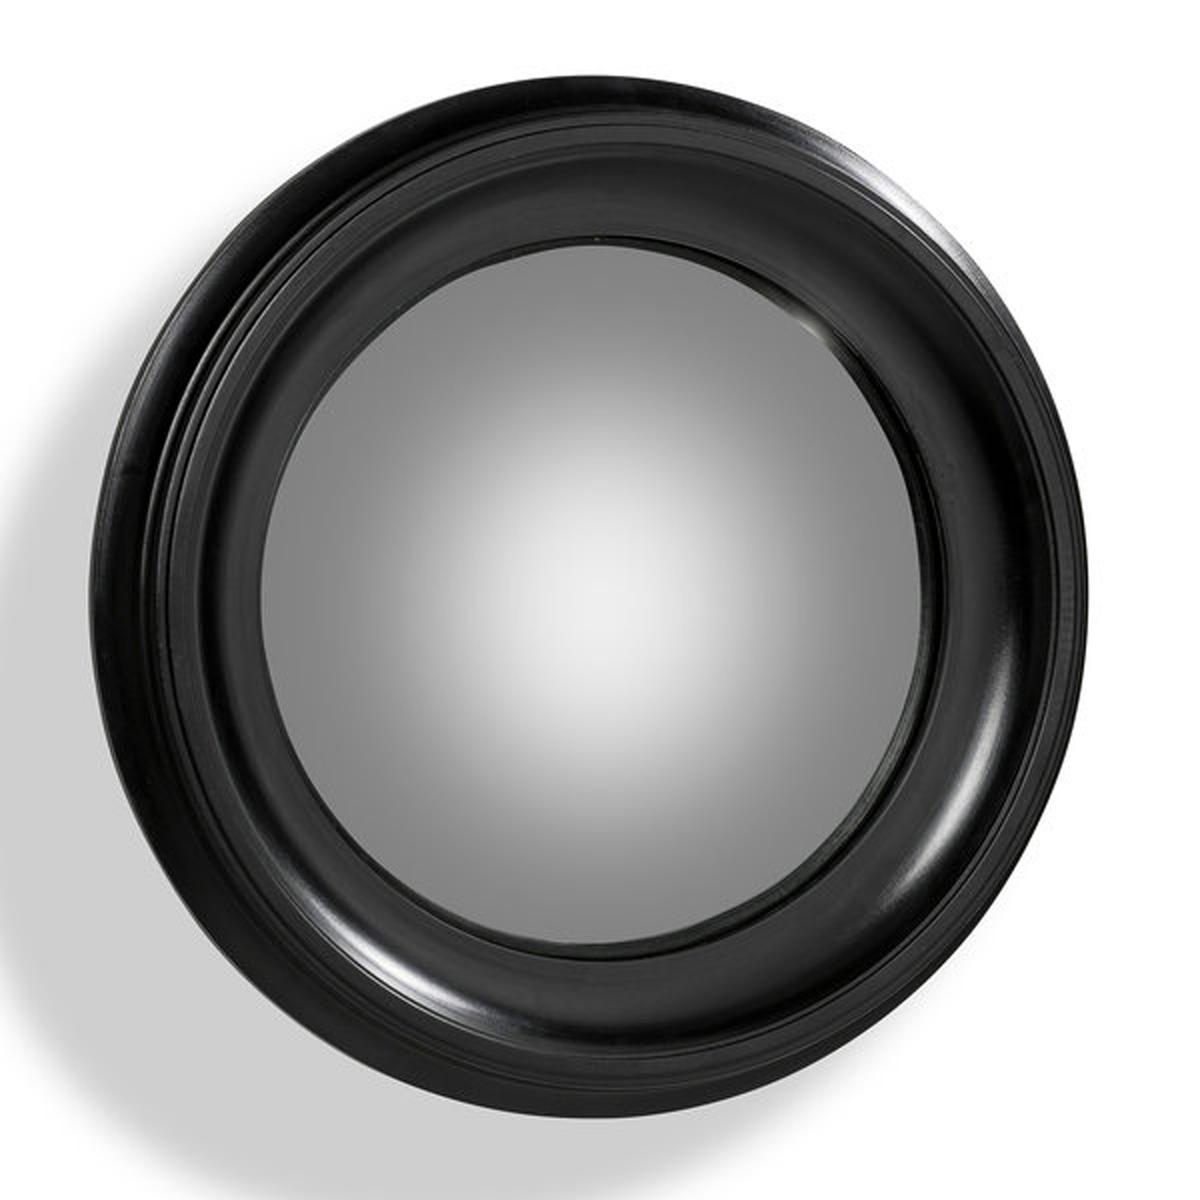 Зеркало Habel с черной рамой, диаметр 60 смЗеркало с выпуклым алюминиевым стеклом наделит Вас магической силойРама из МДФ, лакированная отделка черного цвета.Крепление на стену с помощью врезанного металлического люверса.Диаметр 60 см.<br><br>Цвет: черный<br>Размер: единый размер